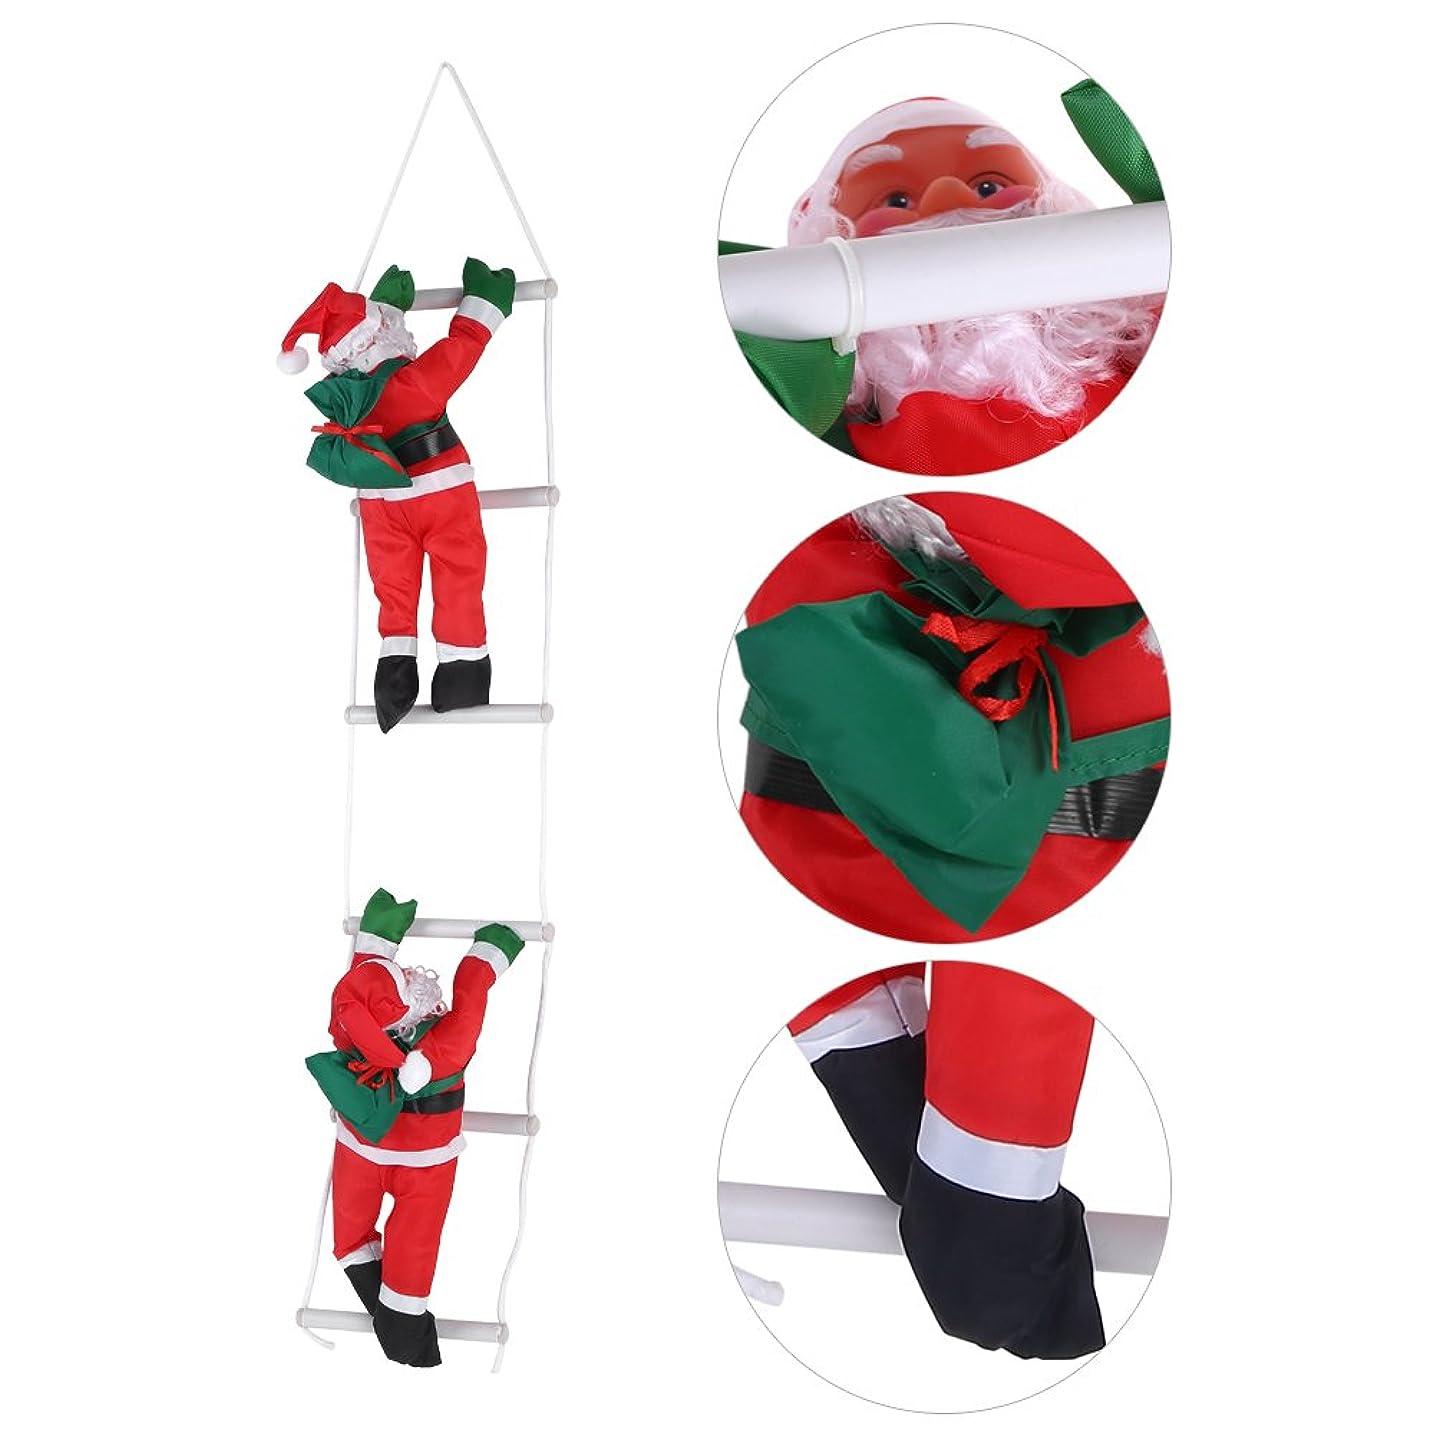 共産主義無意識気楽なはしごサンタクロース2人 クリスマス装飾 クリスマスツリーハンギング 装飾 吊り飾り 窓 ドア 人形 クリスマスデコレーション ドア オーナメント インテリア